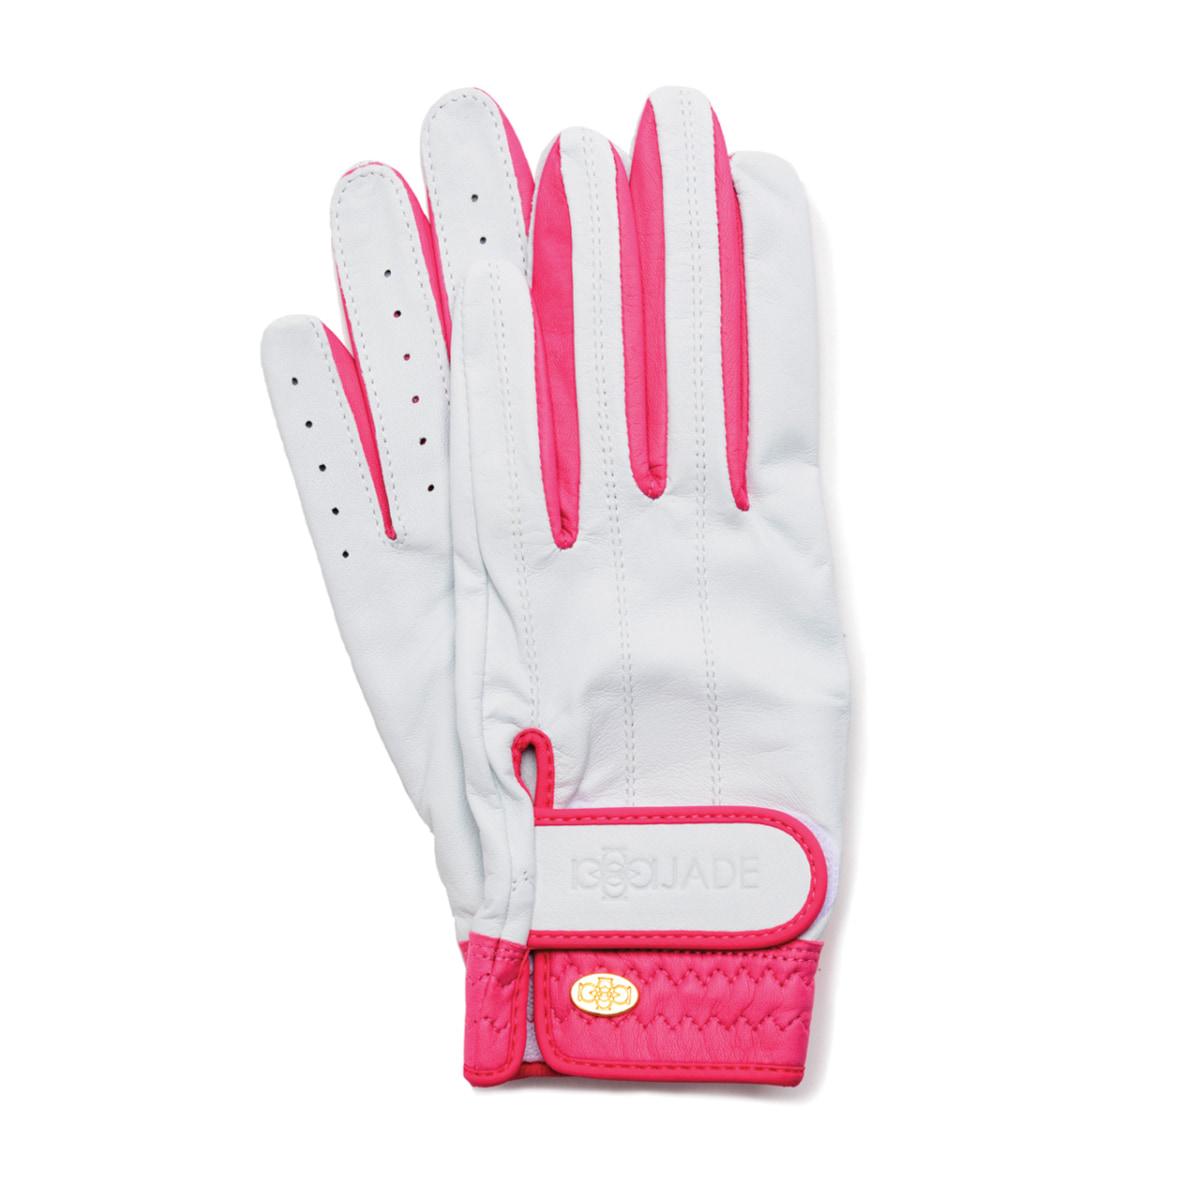 Elegant Golf Glove【両手】white-fuchsia